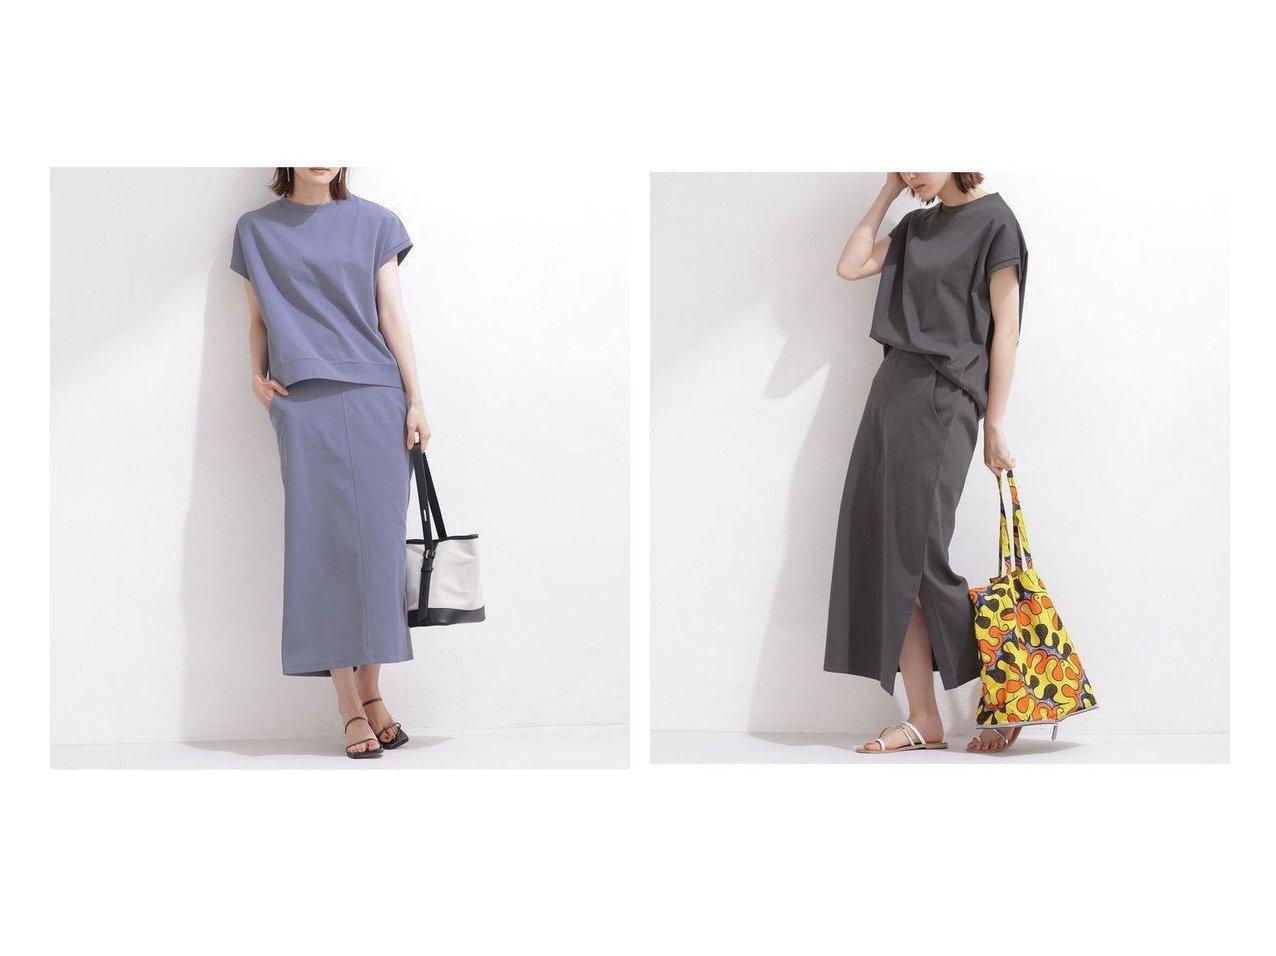 【nano universe/ナノ ユニバース】のポンチスカートセットアップ ノースリーブ 【トップス・カットソー】おすすめ!人気、トレンド・レディースファッションの通販 おすすめで人気の流行・トレンド、ファッションの通販商品 インテリア・家具・メンズファッション・キッズファッション・レディースファッション・服の通販 founy(ファニー) https://founy.com/ ファッション Fashion レディースファッション WOMEN セットアップ Setup トップス Tops スカート Skirt ウォッシャブル サンダル シンプル スリット スリーブ セットアップ ノースリーブ バランス フレンチ フロント ボトム リラックス 再入荷 Restock/Back in Stock/Re Arrival NEW・新作・新着・新入荷 New Arrivals おすすめ Recommend 夏 Summer |ID:crp329100000054103